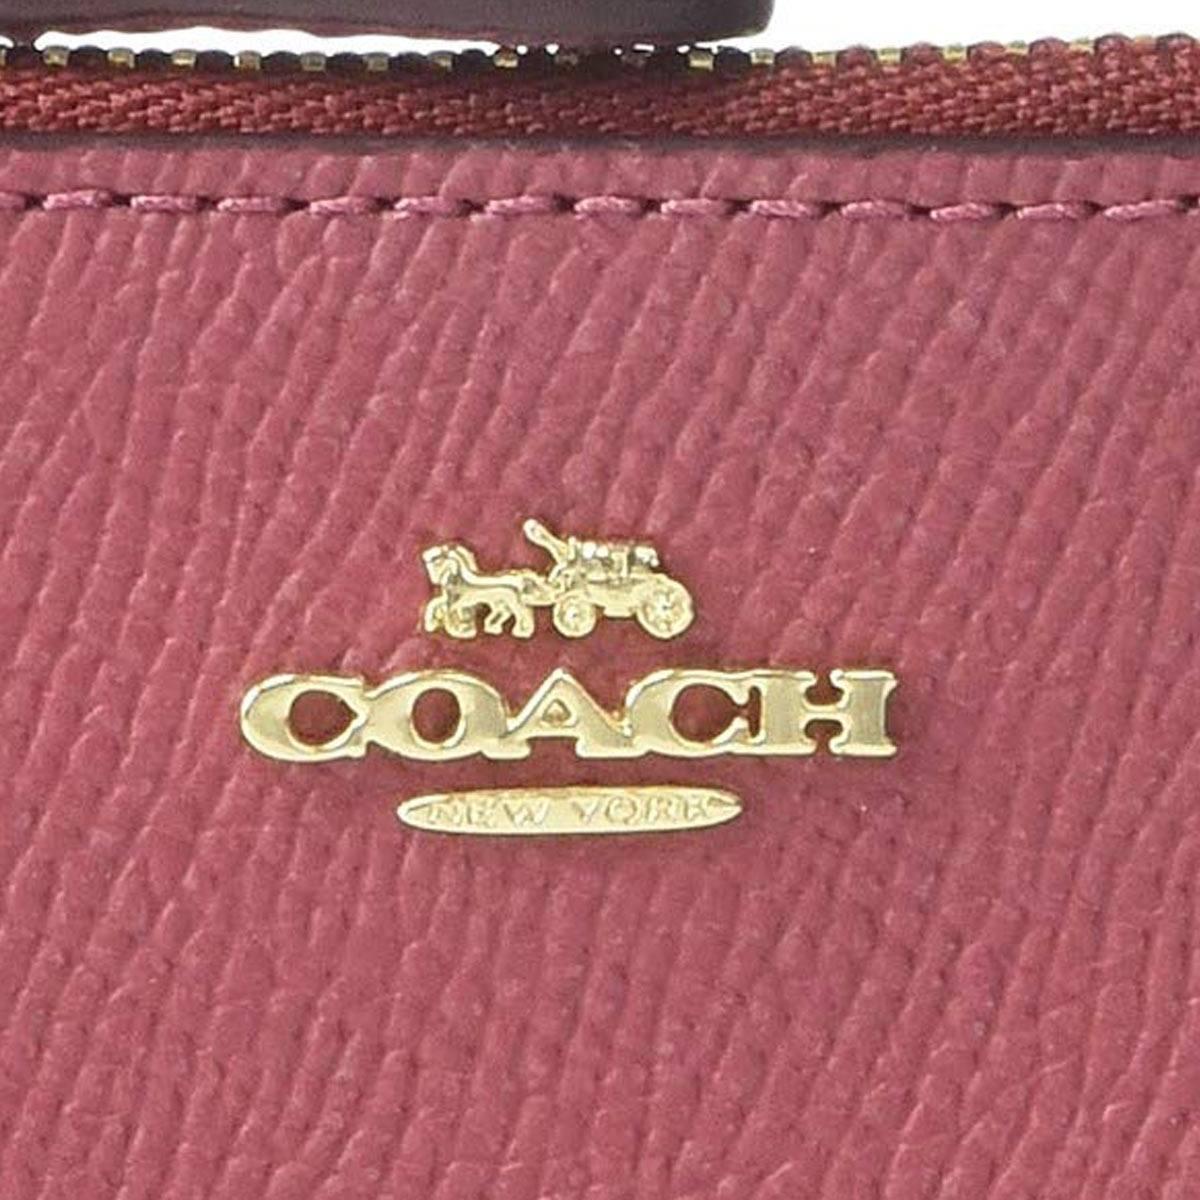 コーチ 財布 カードケース アウトレット キーリング付 小銭入れ idケース カード ケース Coach